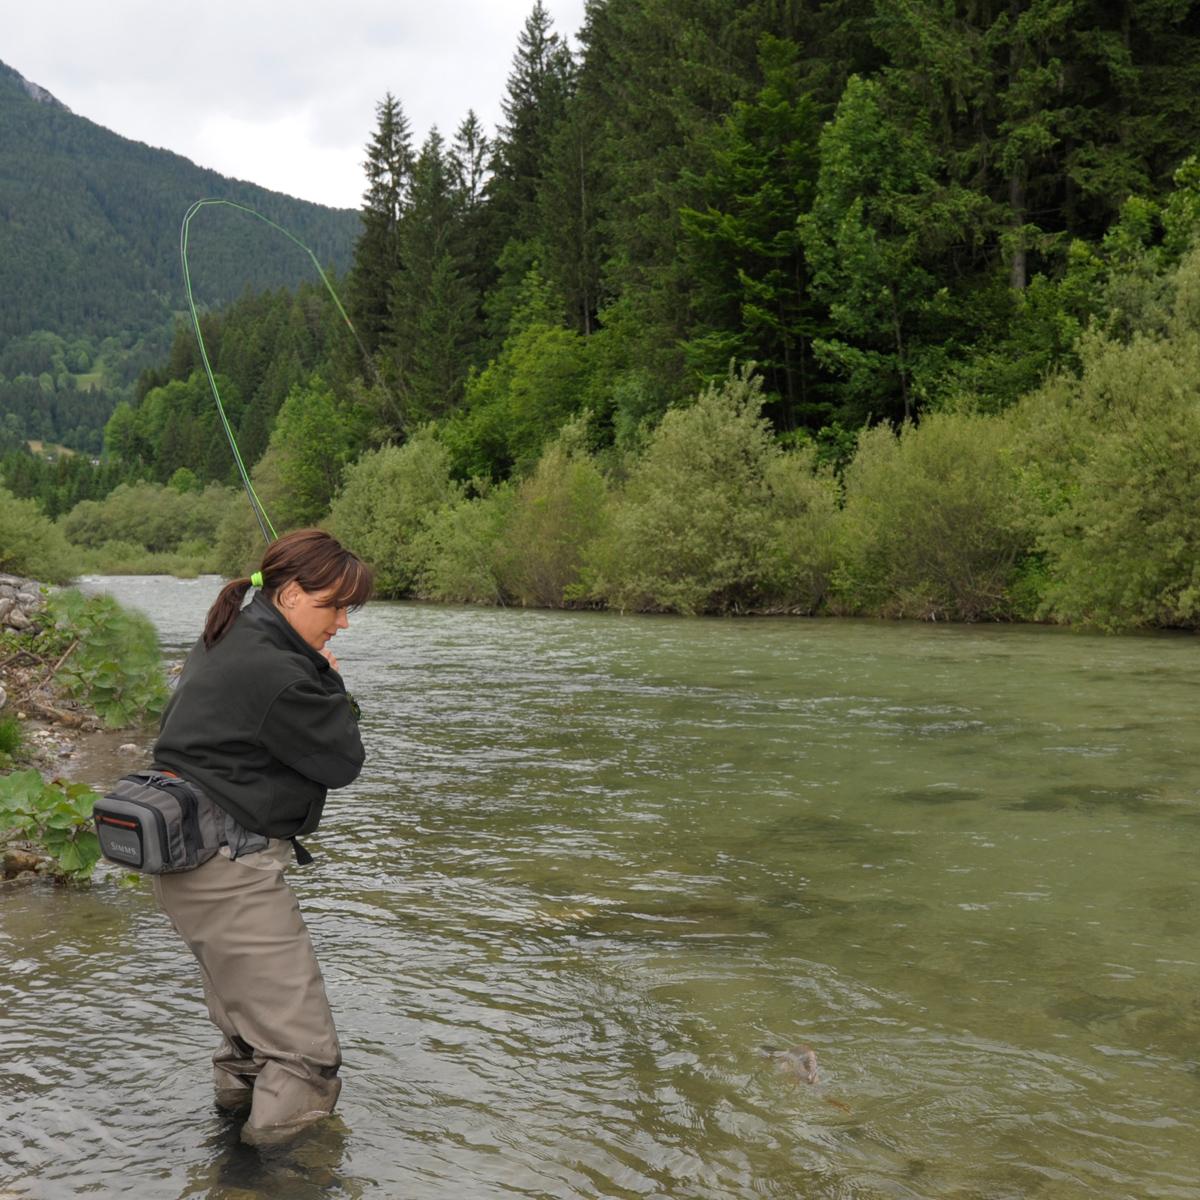 Fliegenfischen auf Forelle in Slowenien